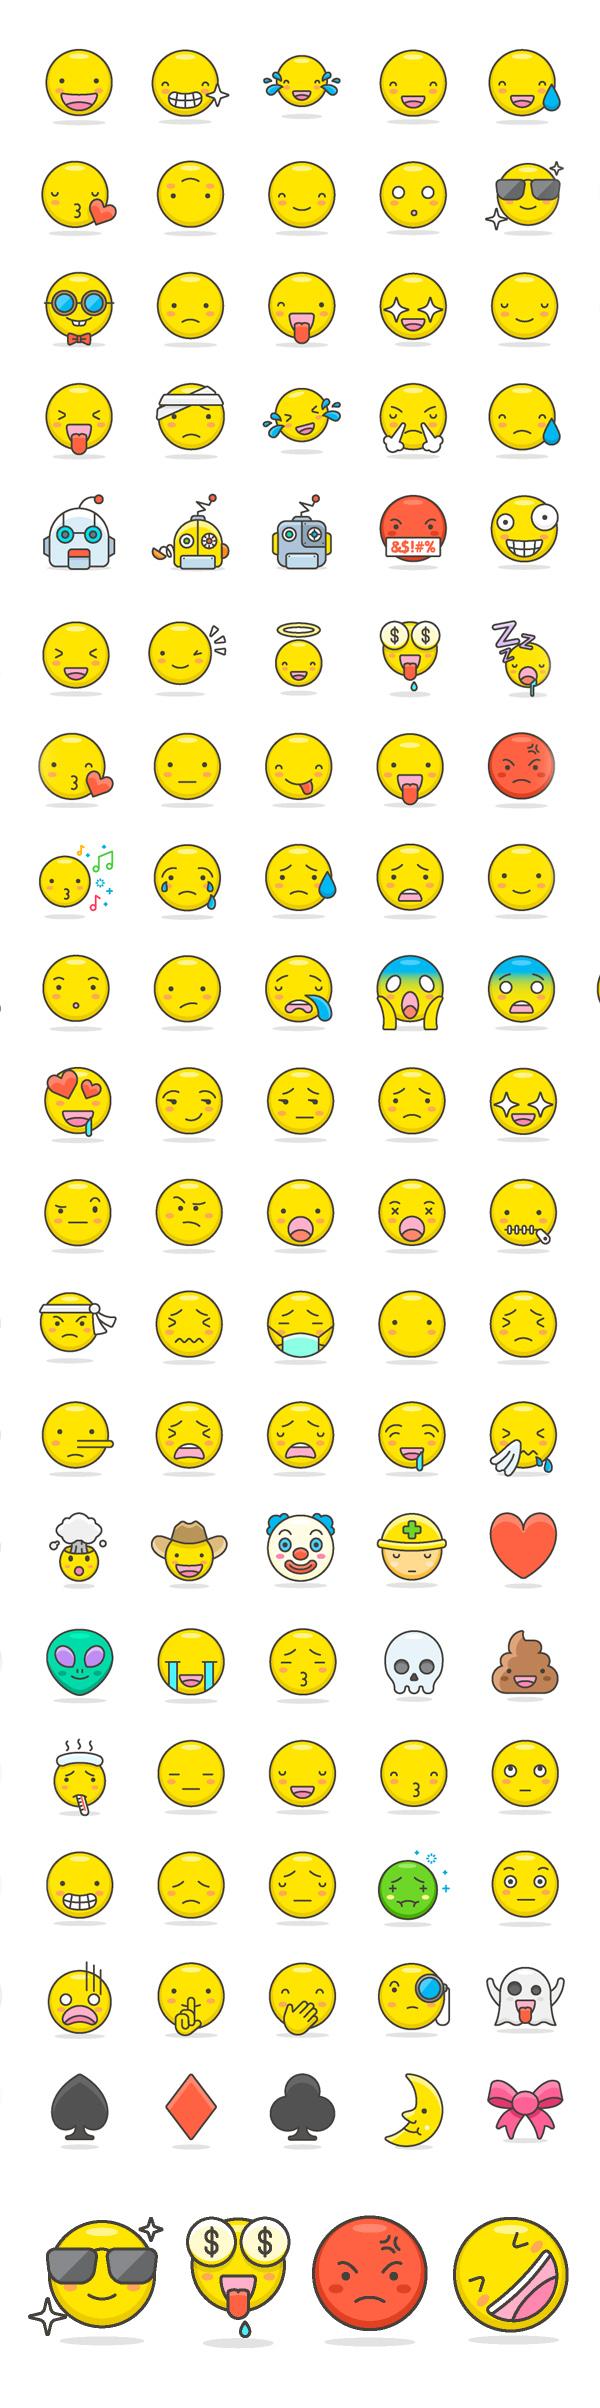 Free Cute Emoji Icons Set (100 Icons)